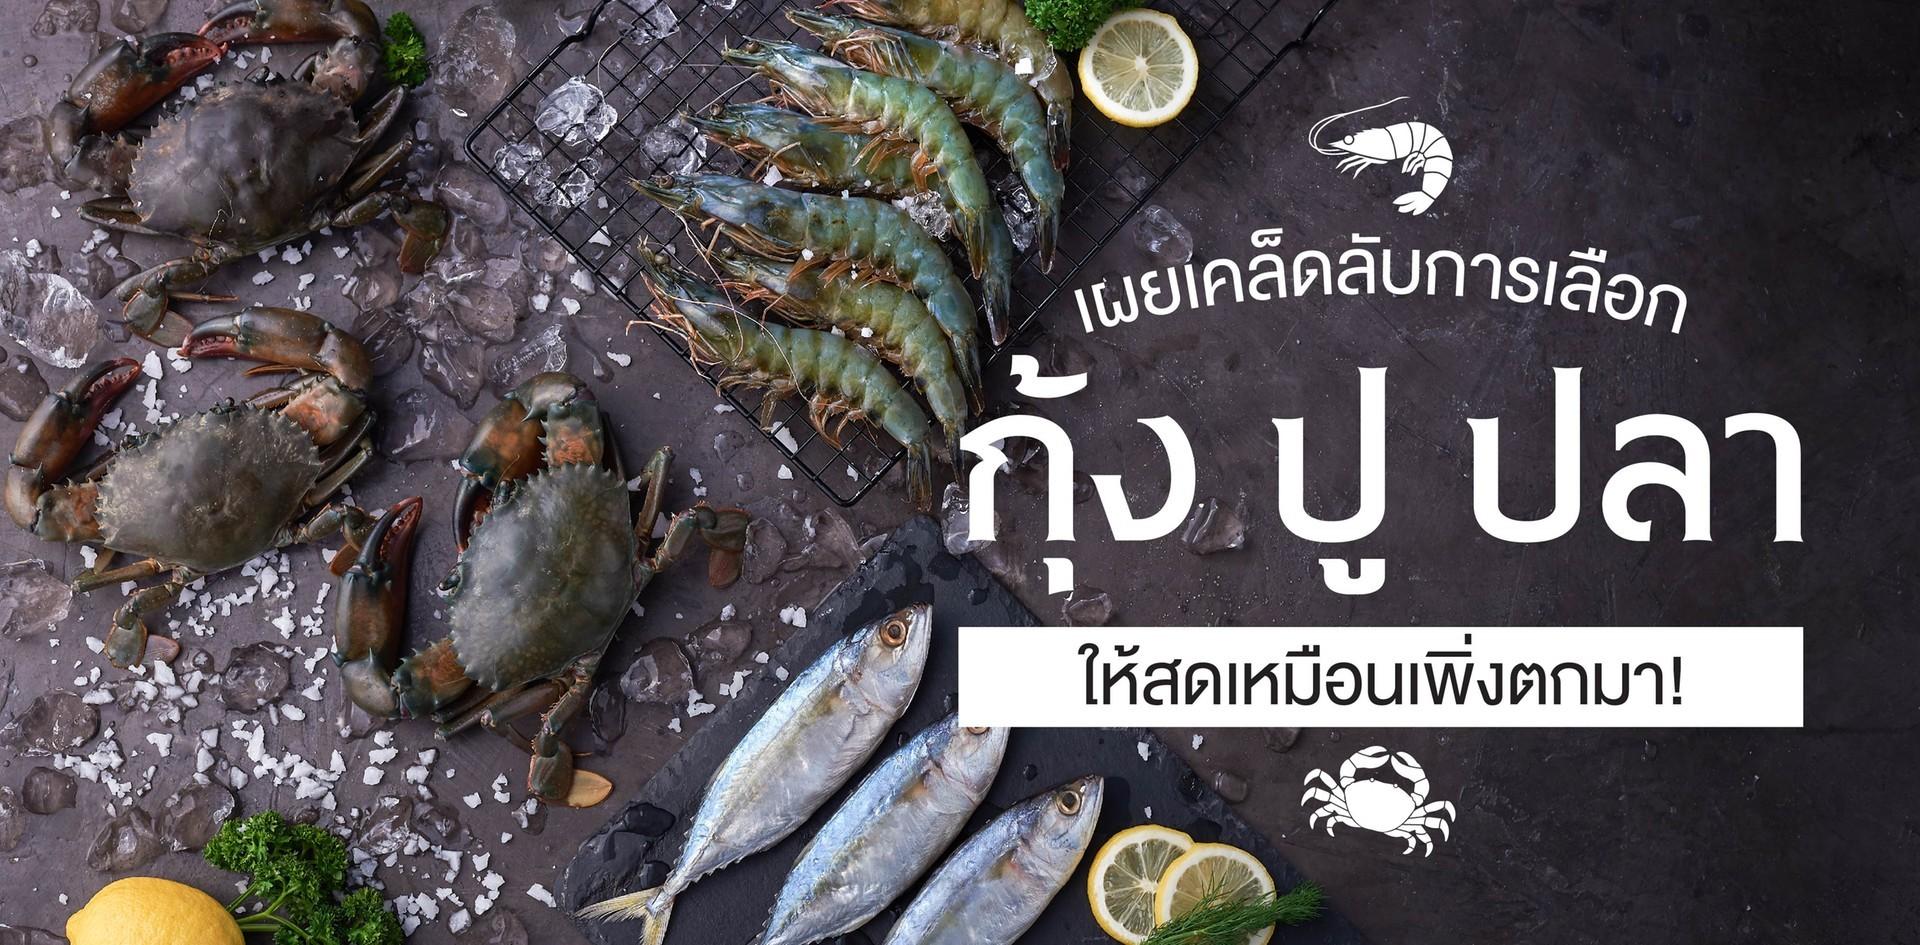 วิธีเช็คความสดอาหารทะเล ให้สดเหมือนเพิ่งตกมา!